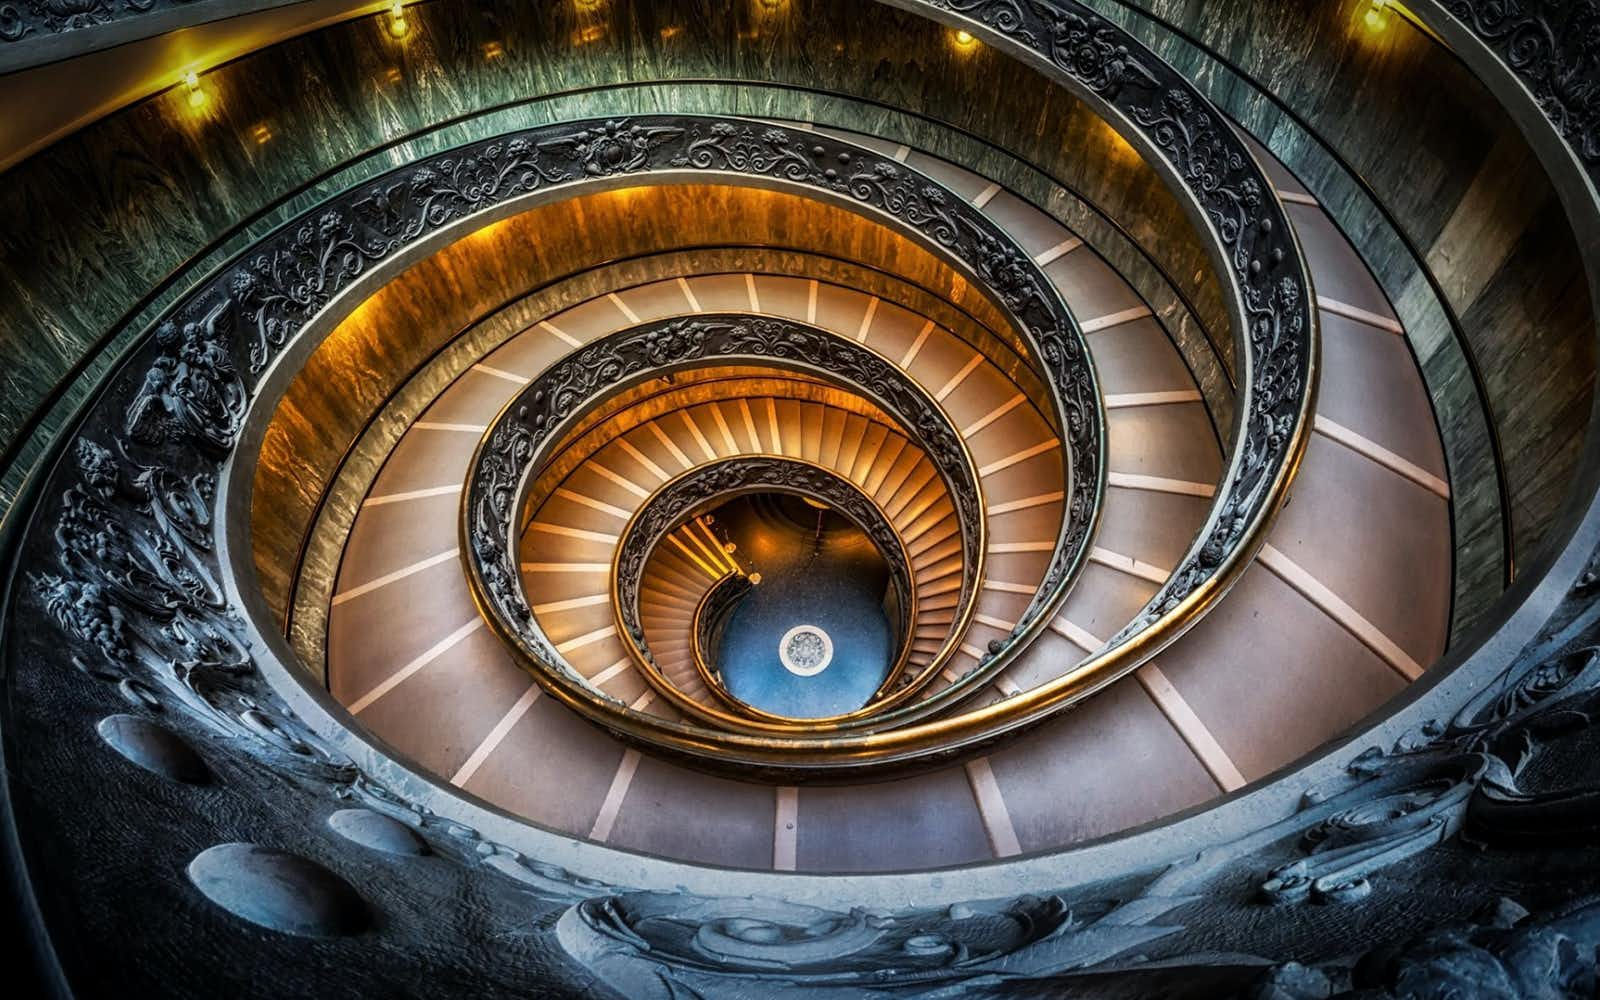 Visit Rome Vatican Museums